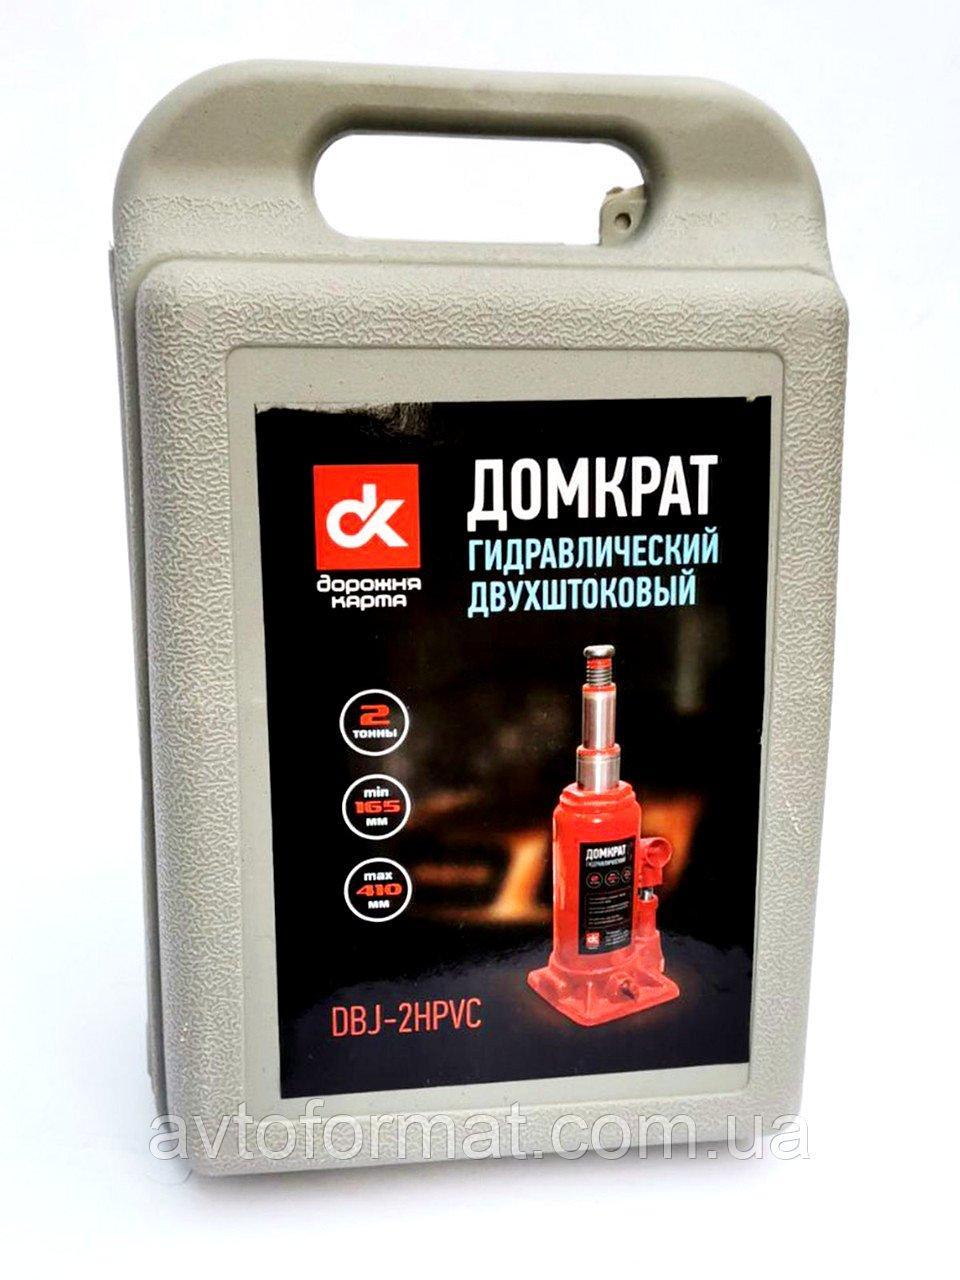 Домкрат гидравлический двухштоковый, 2т пластик H=165/410 ДК